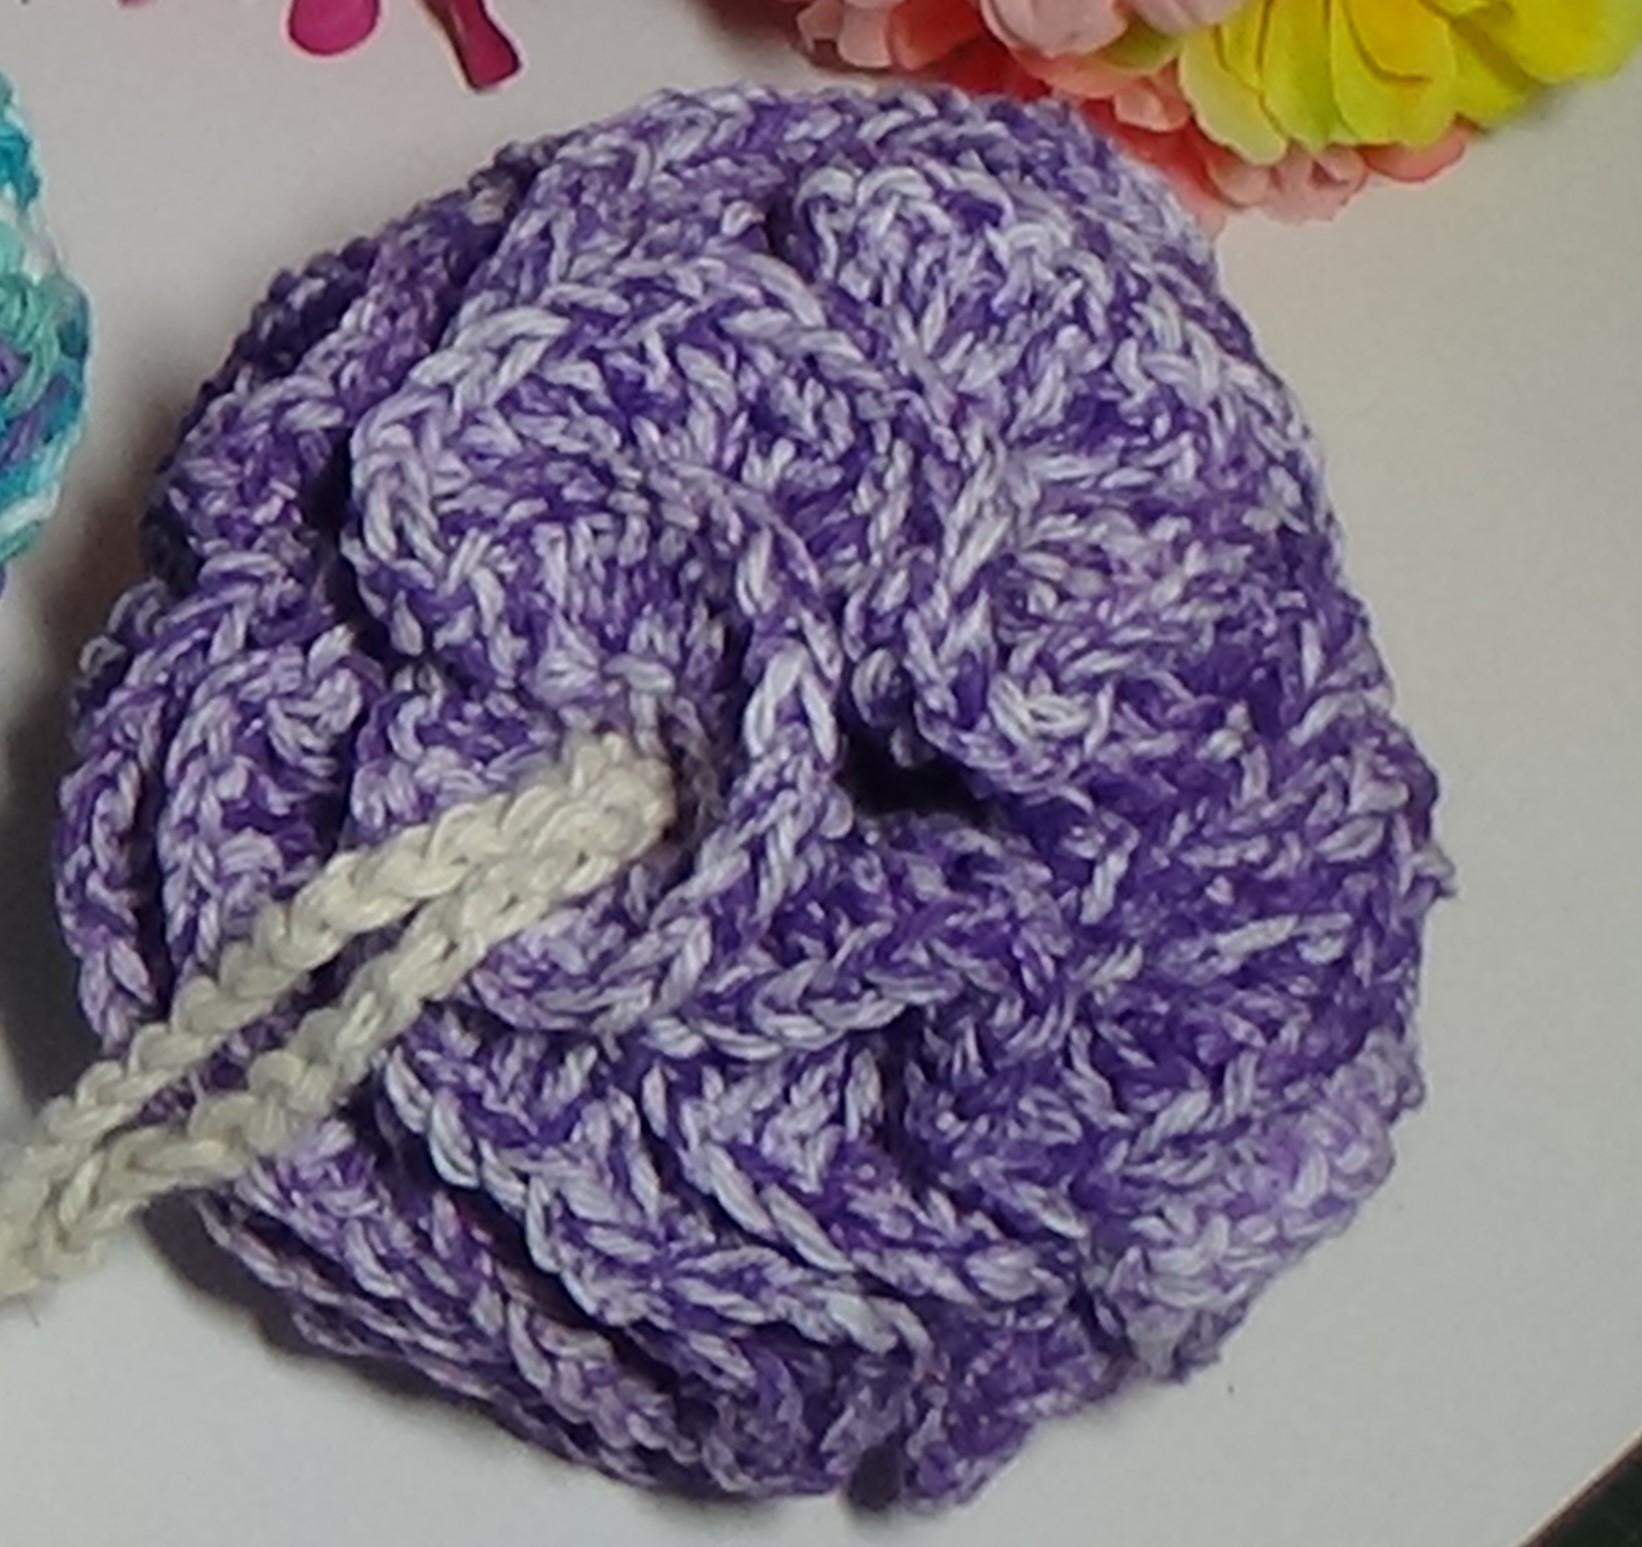 Bath Pouf Scrubby Ball Crochet Kit 522 Violet Splash Creative